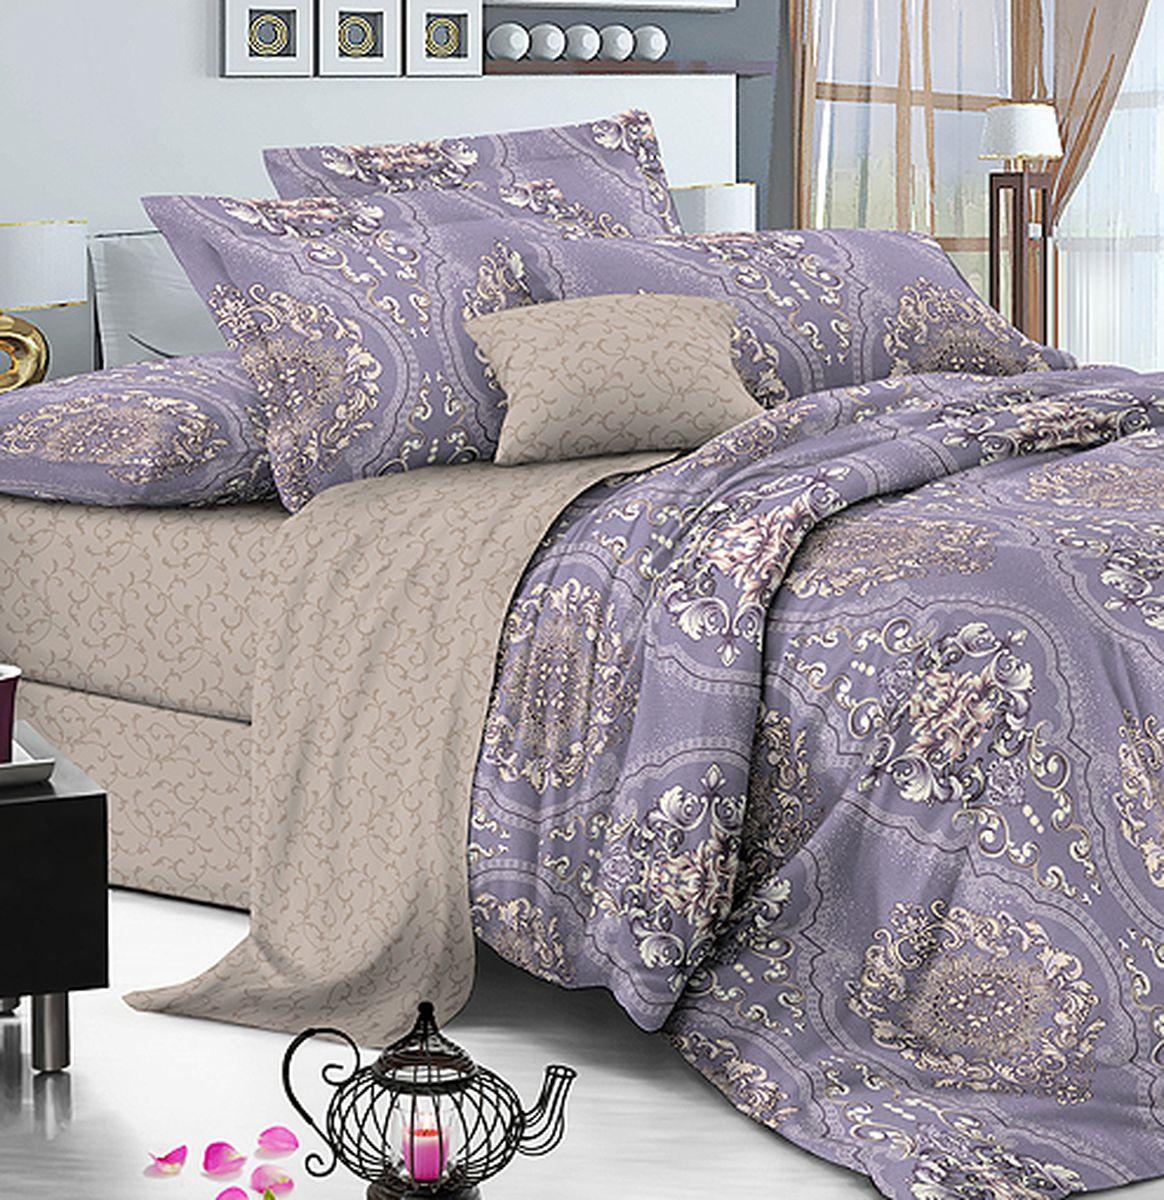 Комплект белья Amore Mio Gold Violetta, 7577, бежевый, фиолетовый, евро, наволочки 70x70 комплект белья amore mio gold violetta 7577 бежевый фиолетовый евро наволочки 70x70